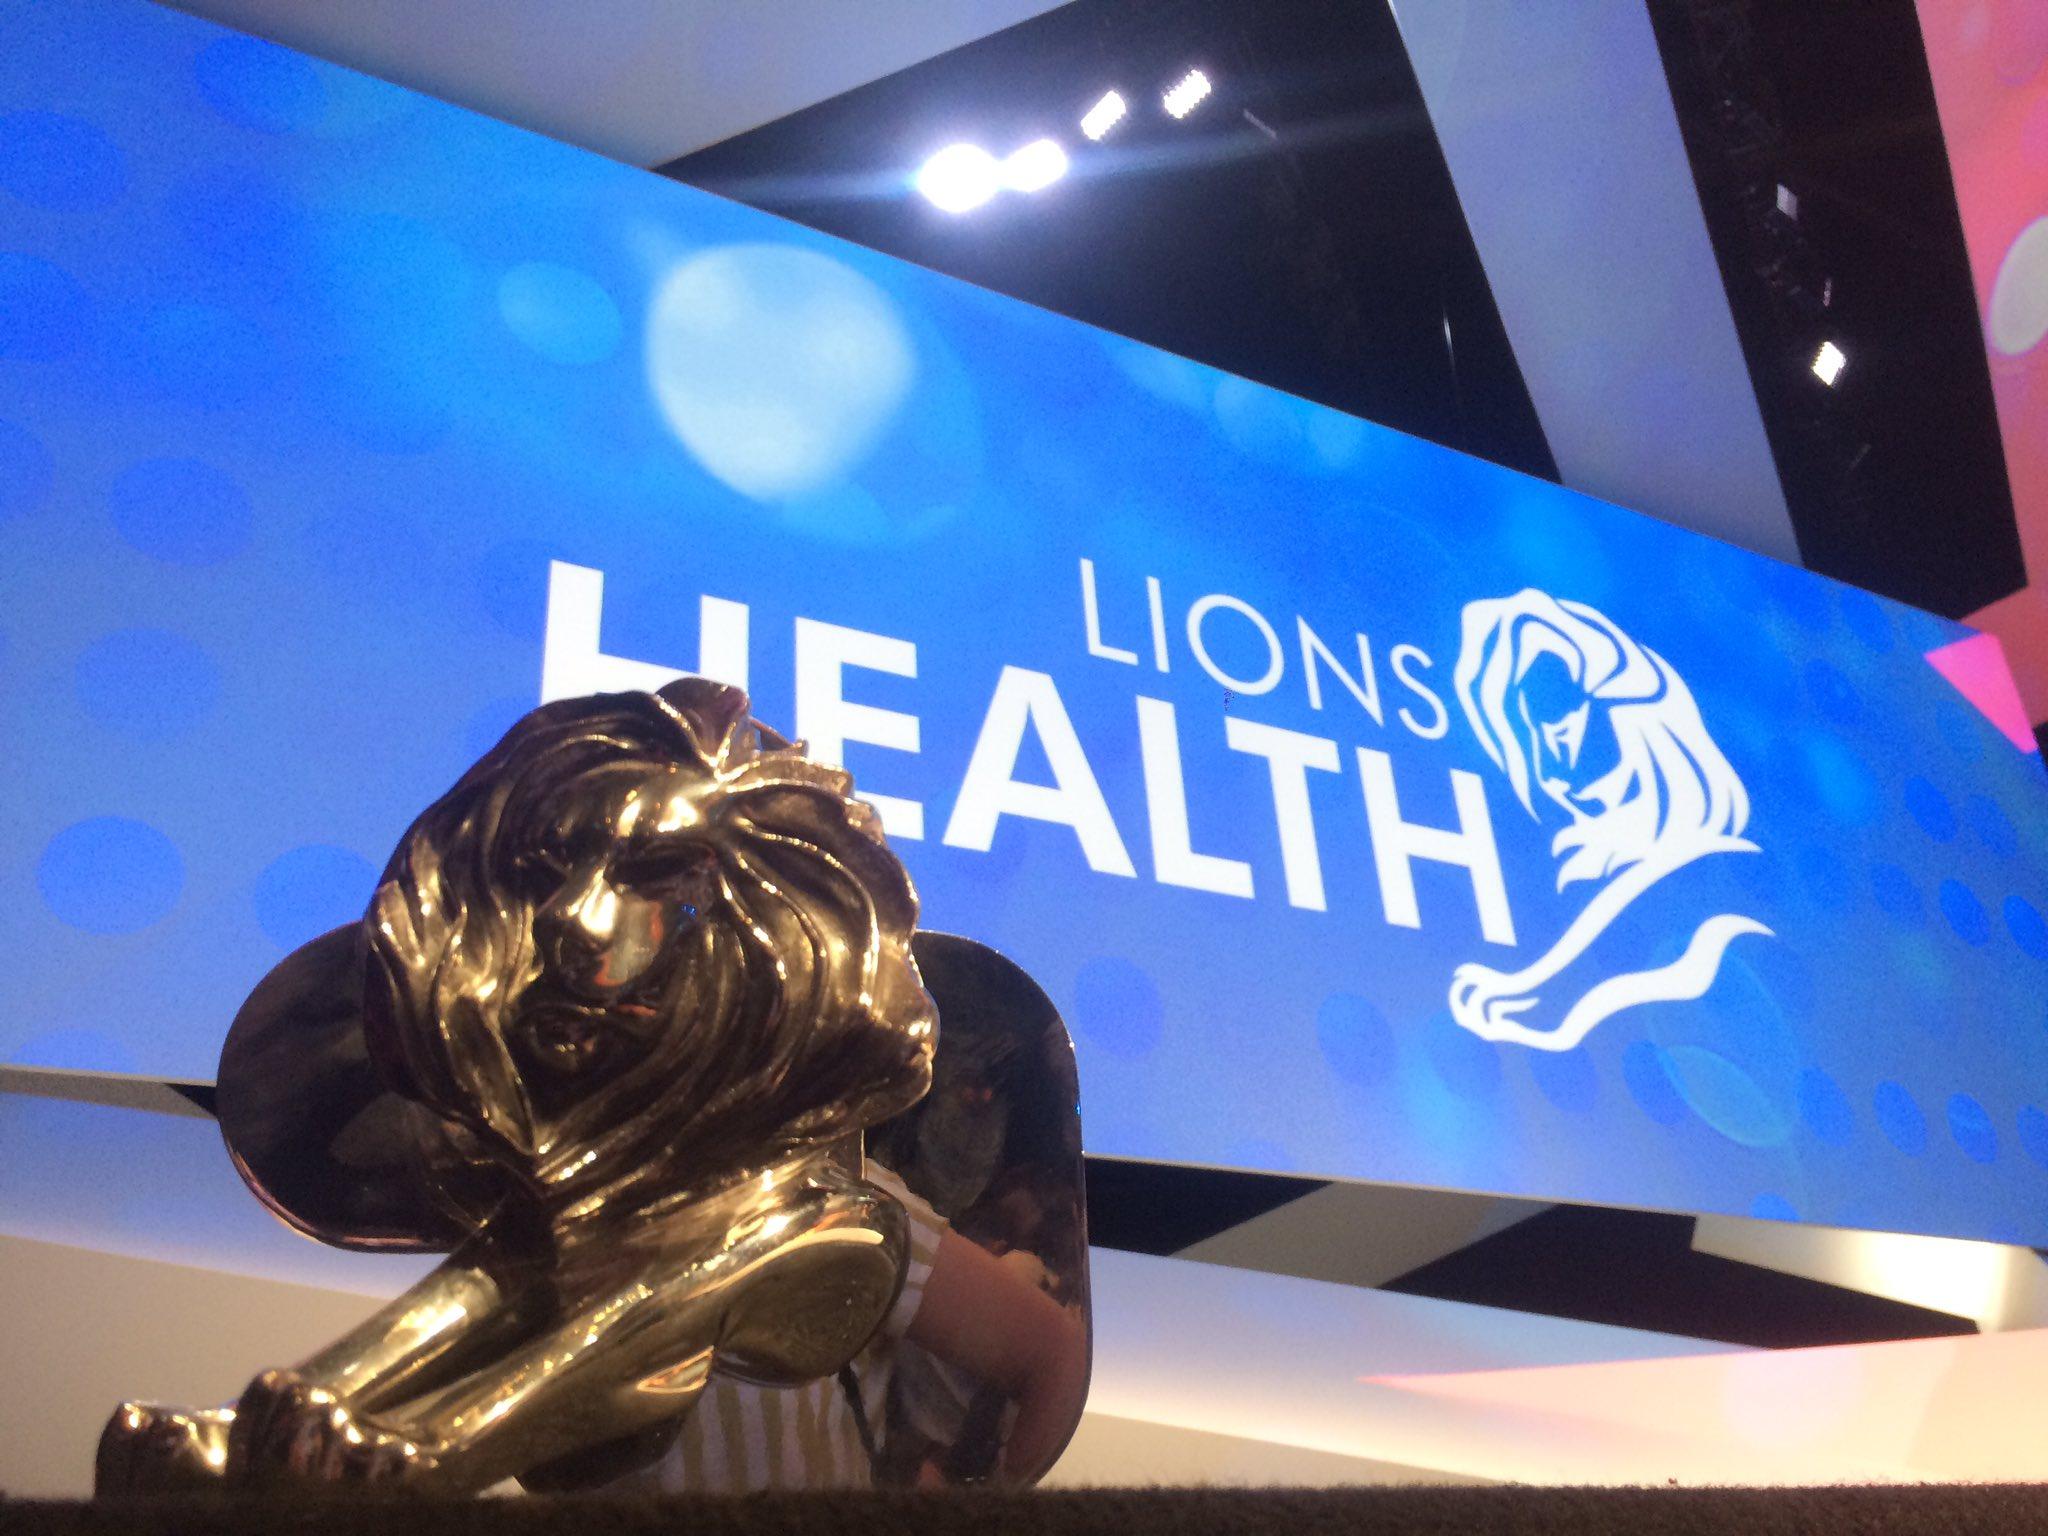 RT @TBWA_PARIS: Lions Health : un silver pour @burnsandsmiles !!! @Cannes_Lions 🦁✊️👏🙌 Bravooo #fierte #tbwacannes https://t.co/1qaN8oSm8e